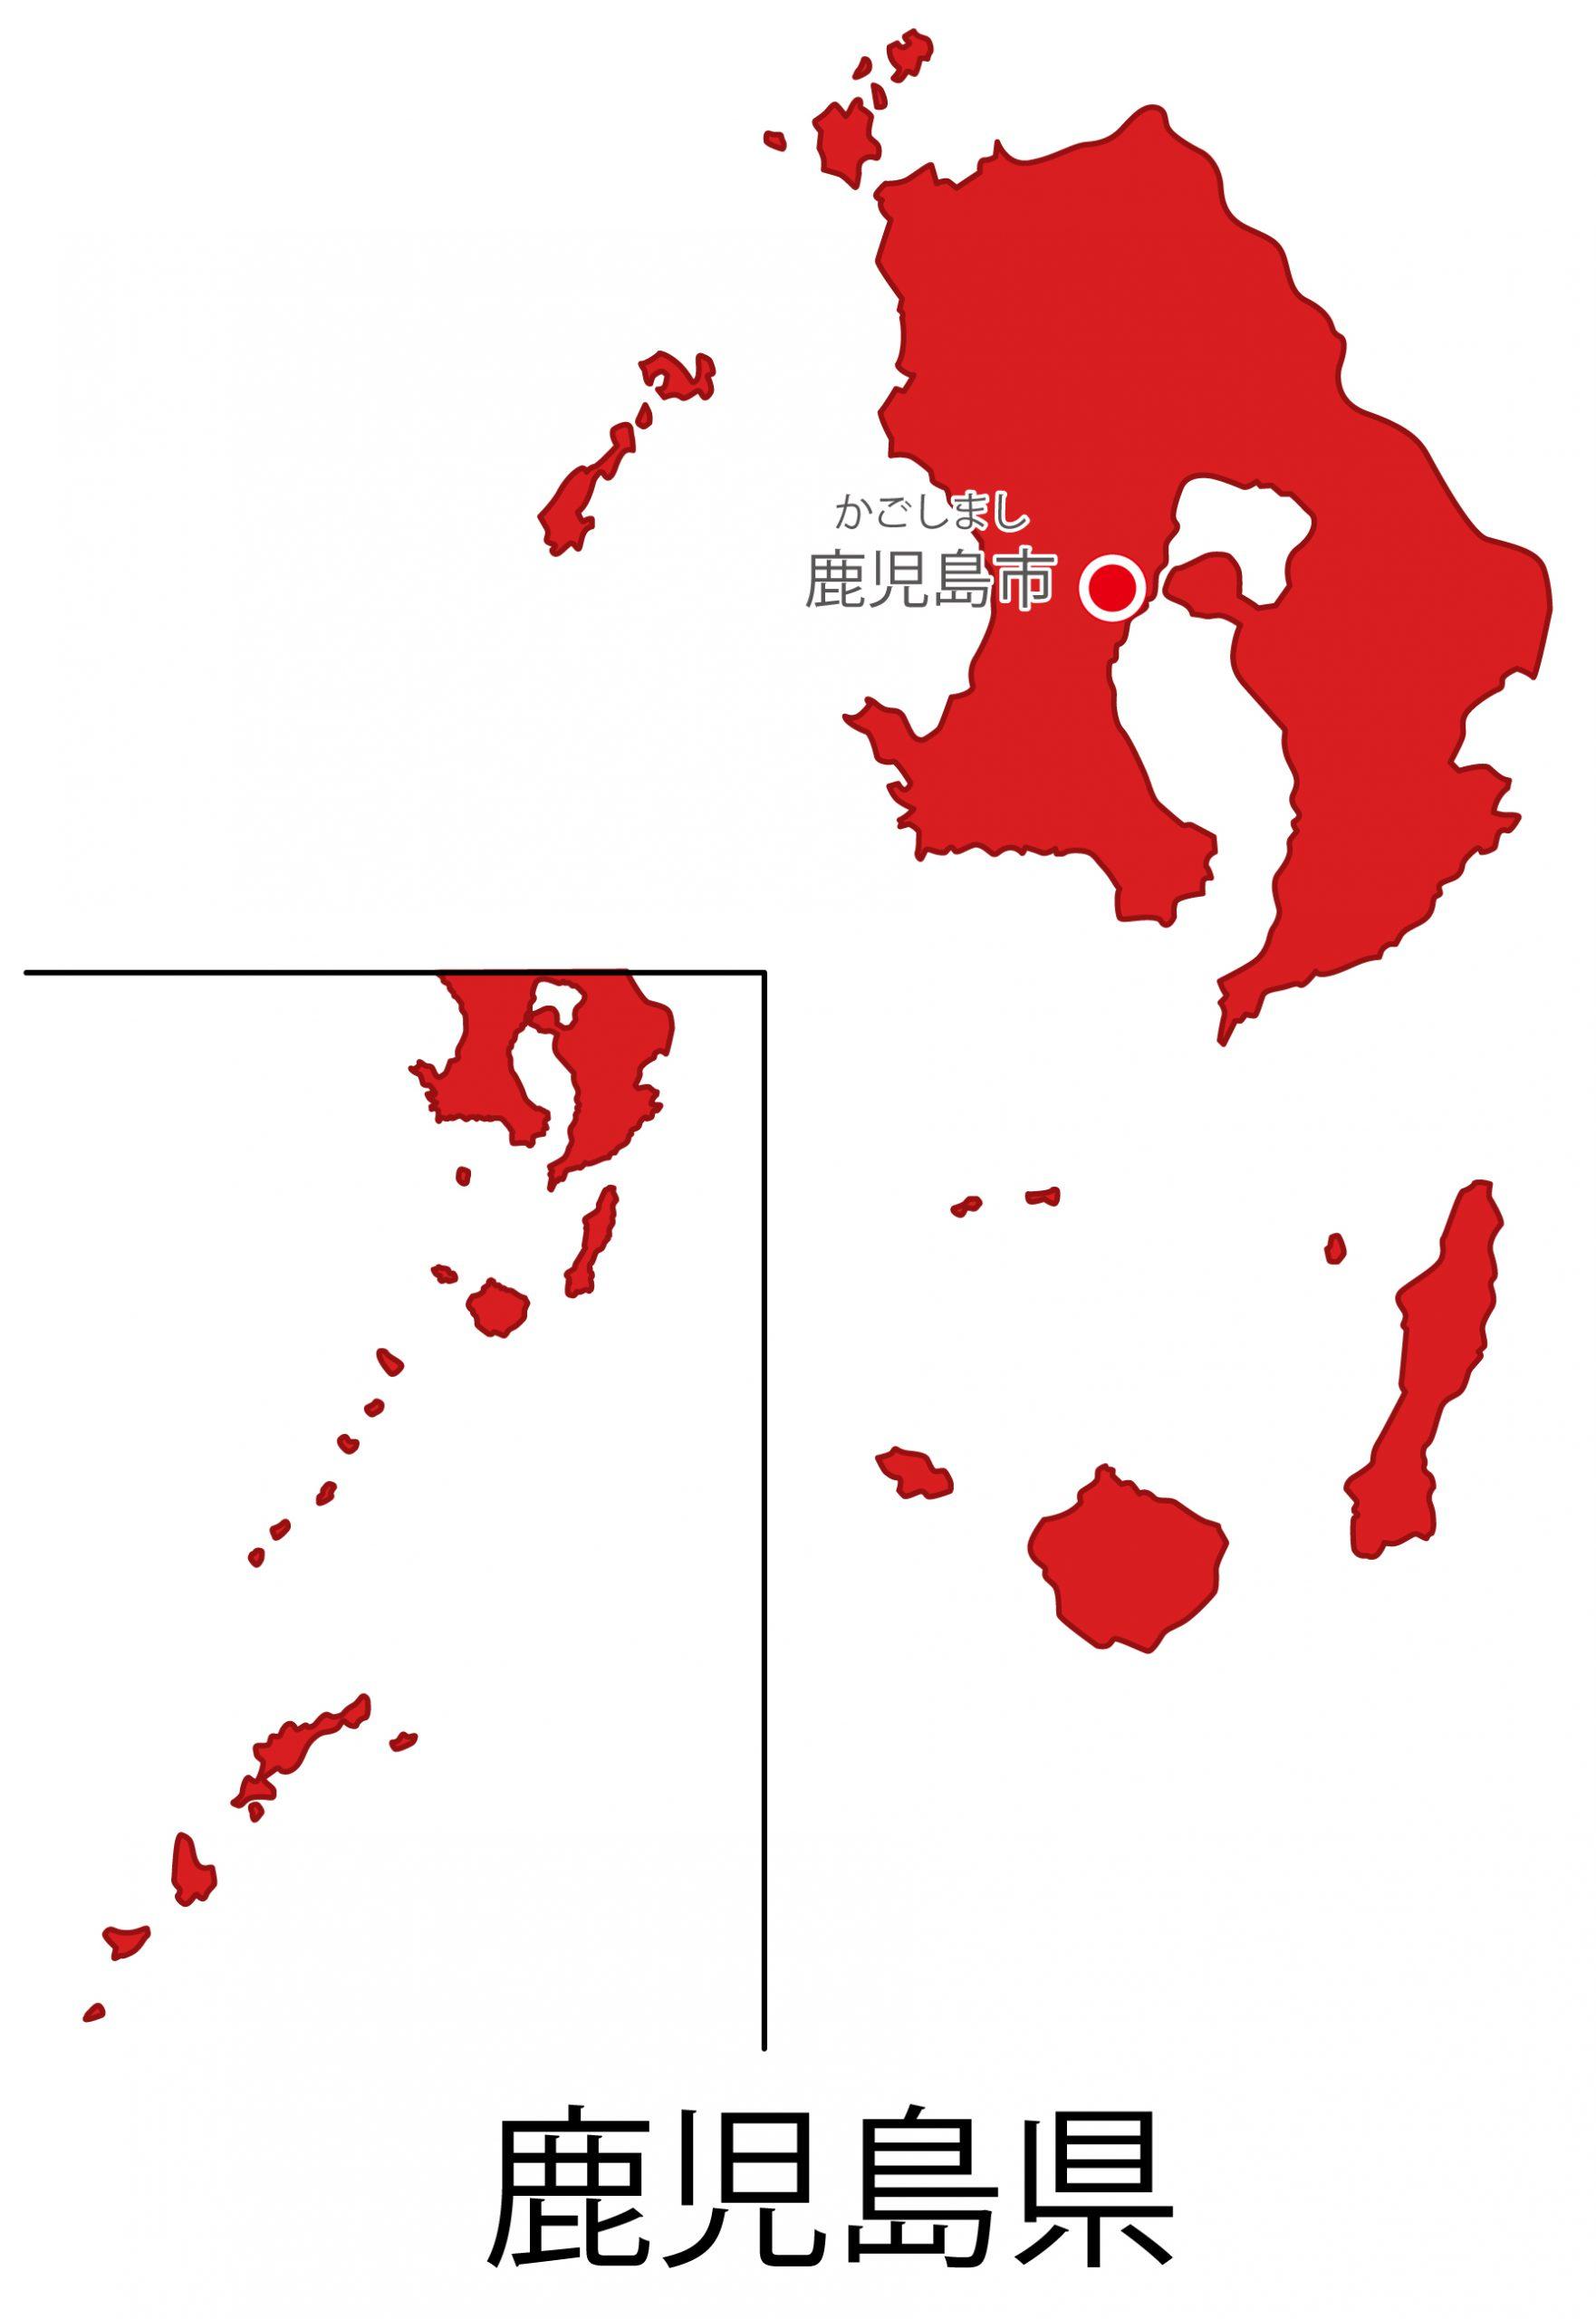 鹿児島県無料フリーイラスト|日本語・都道府県名あり・県庁所在地あり・ルビあり(赤)